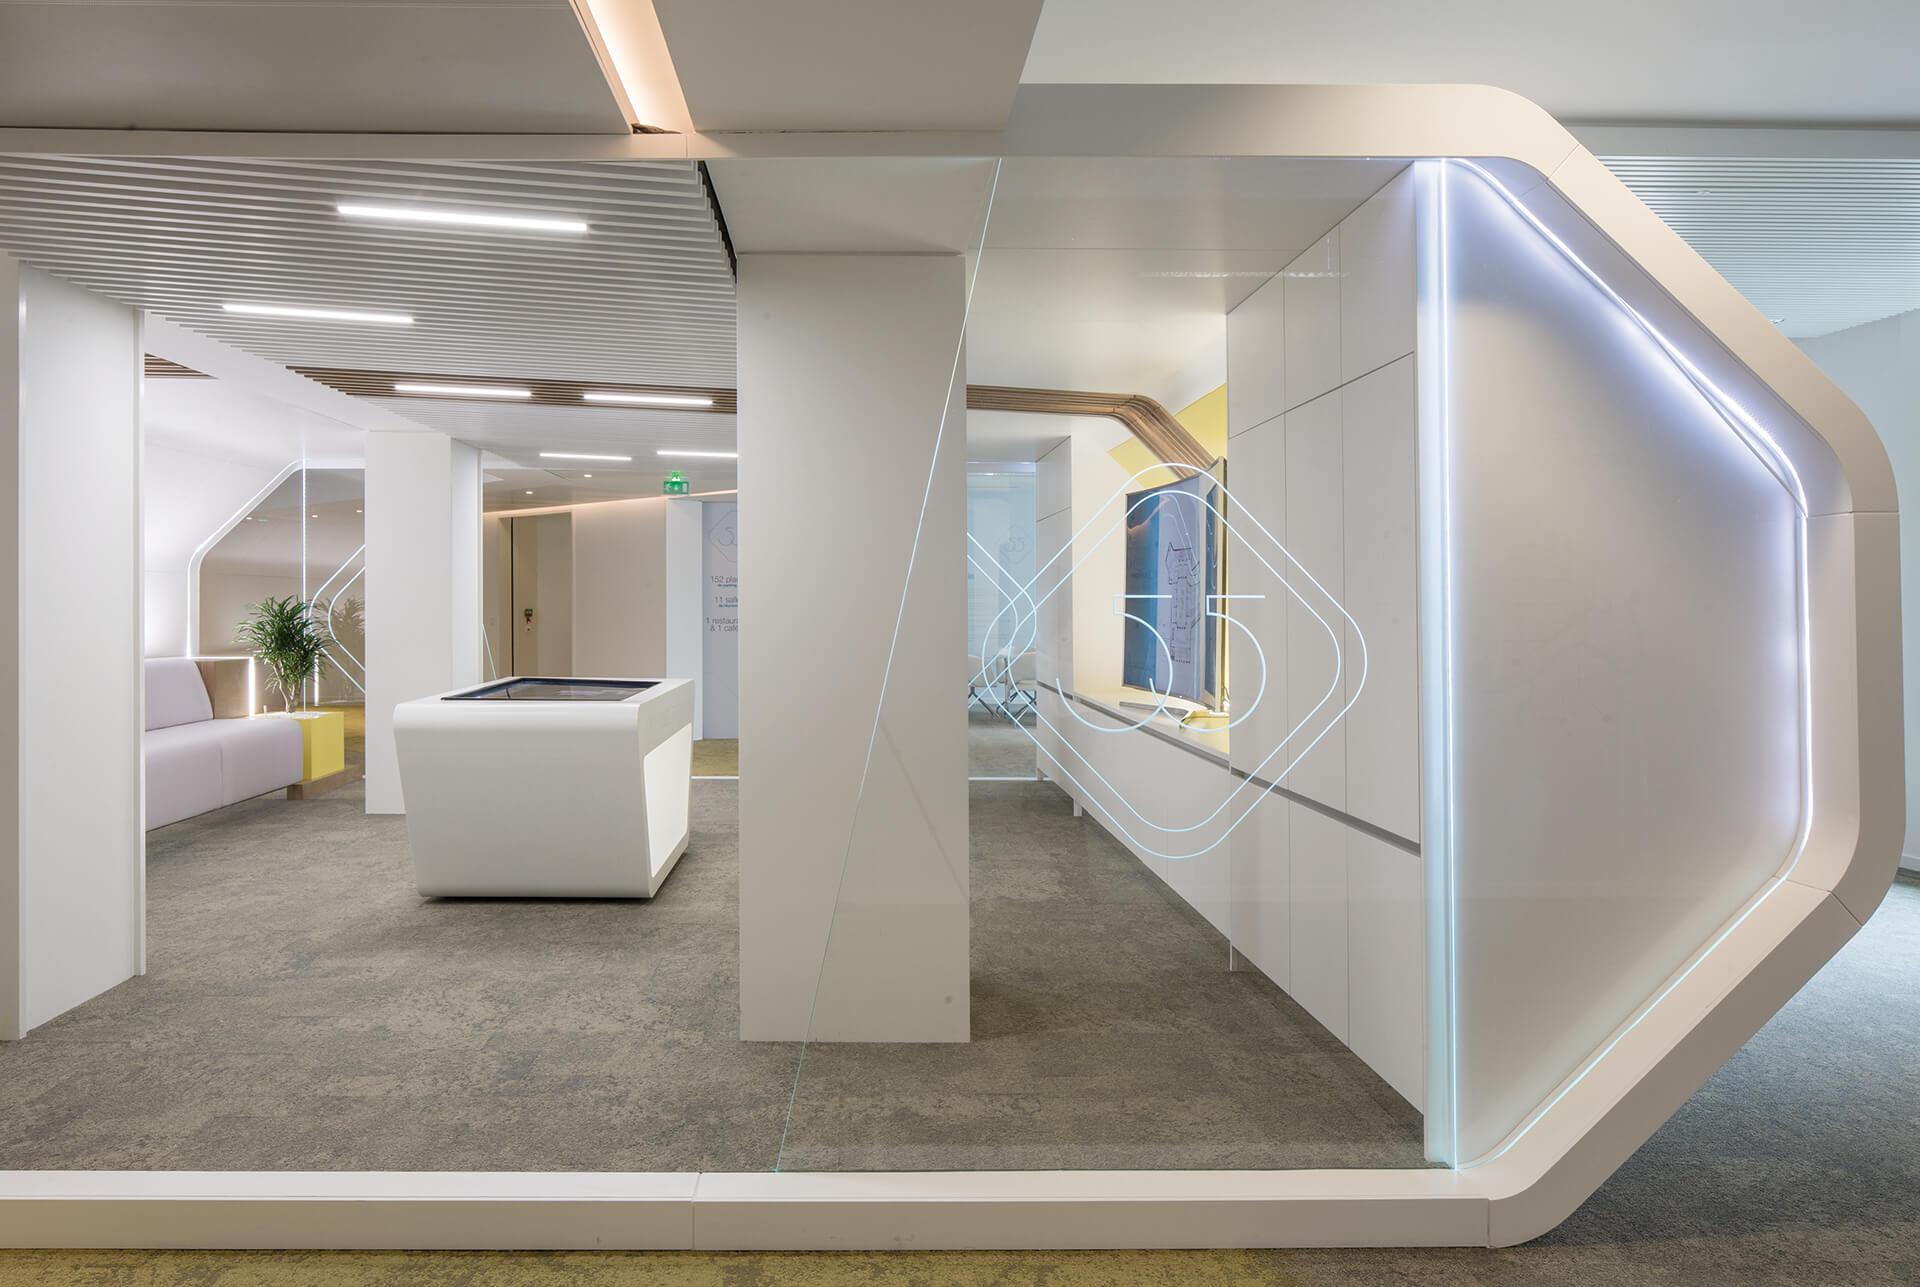 espaço imobiliário com parede em vidro retroiluminada e acabamentos de luxo